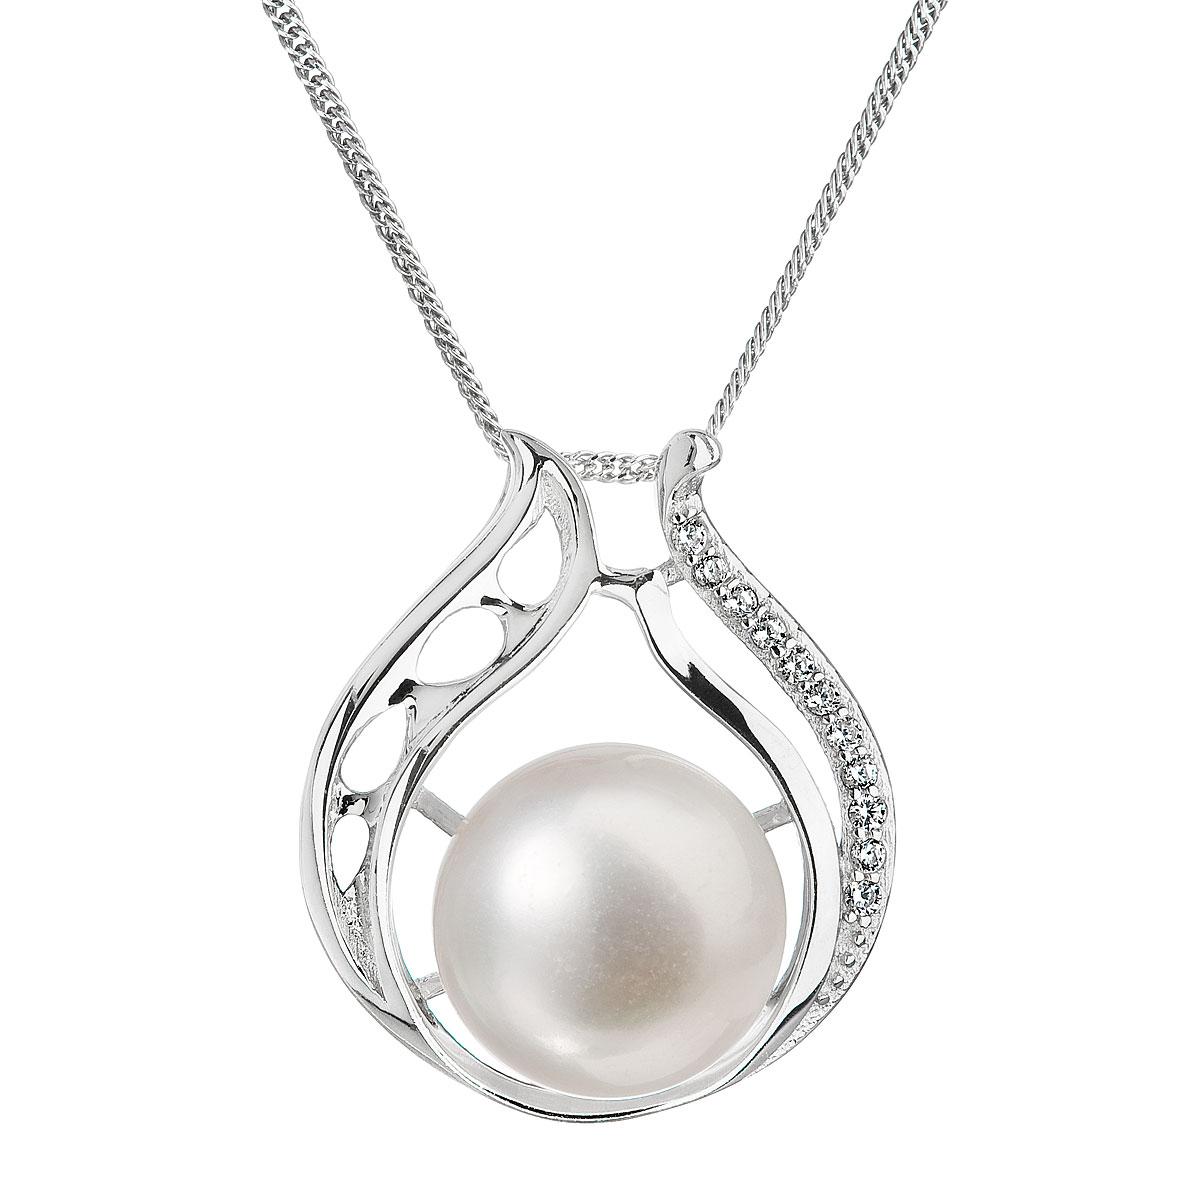 Perlový náhrdelník s retiazkou z pravých riečnych perál biely 22011.1